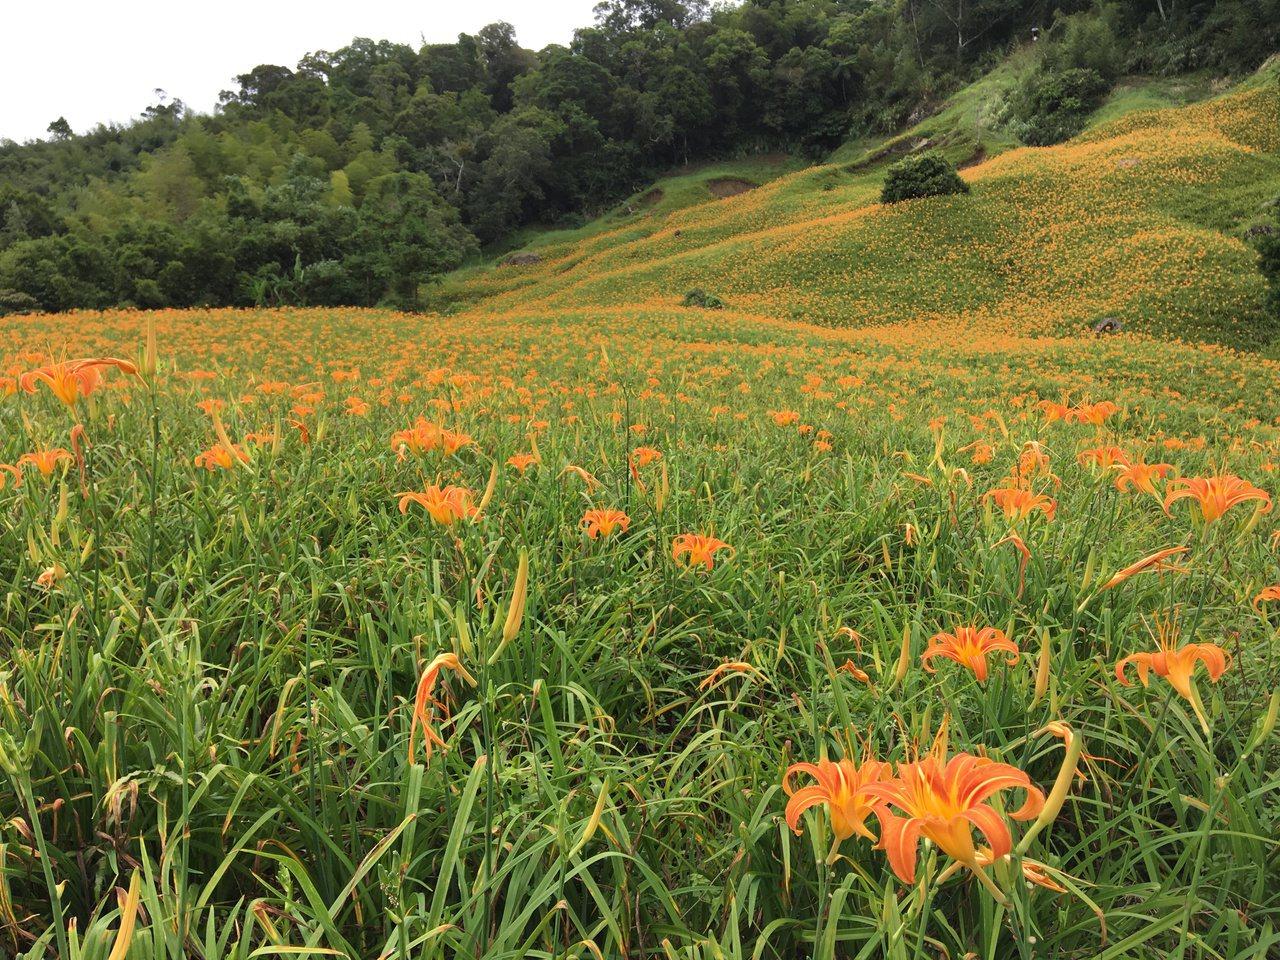 近日降雨,為赤柯山上的金針花解渴,也開得更茂盛。記者徐庭揚/攝影 徐庭揚